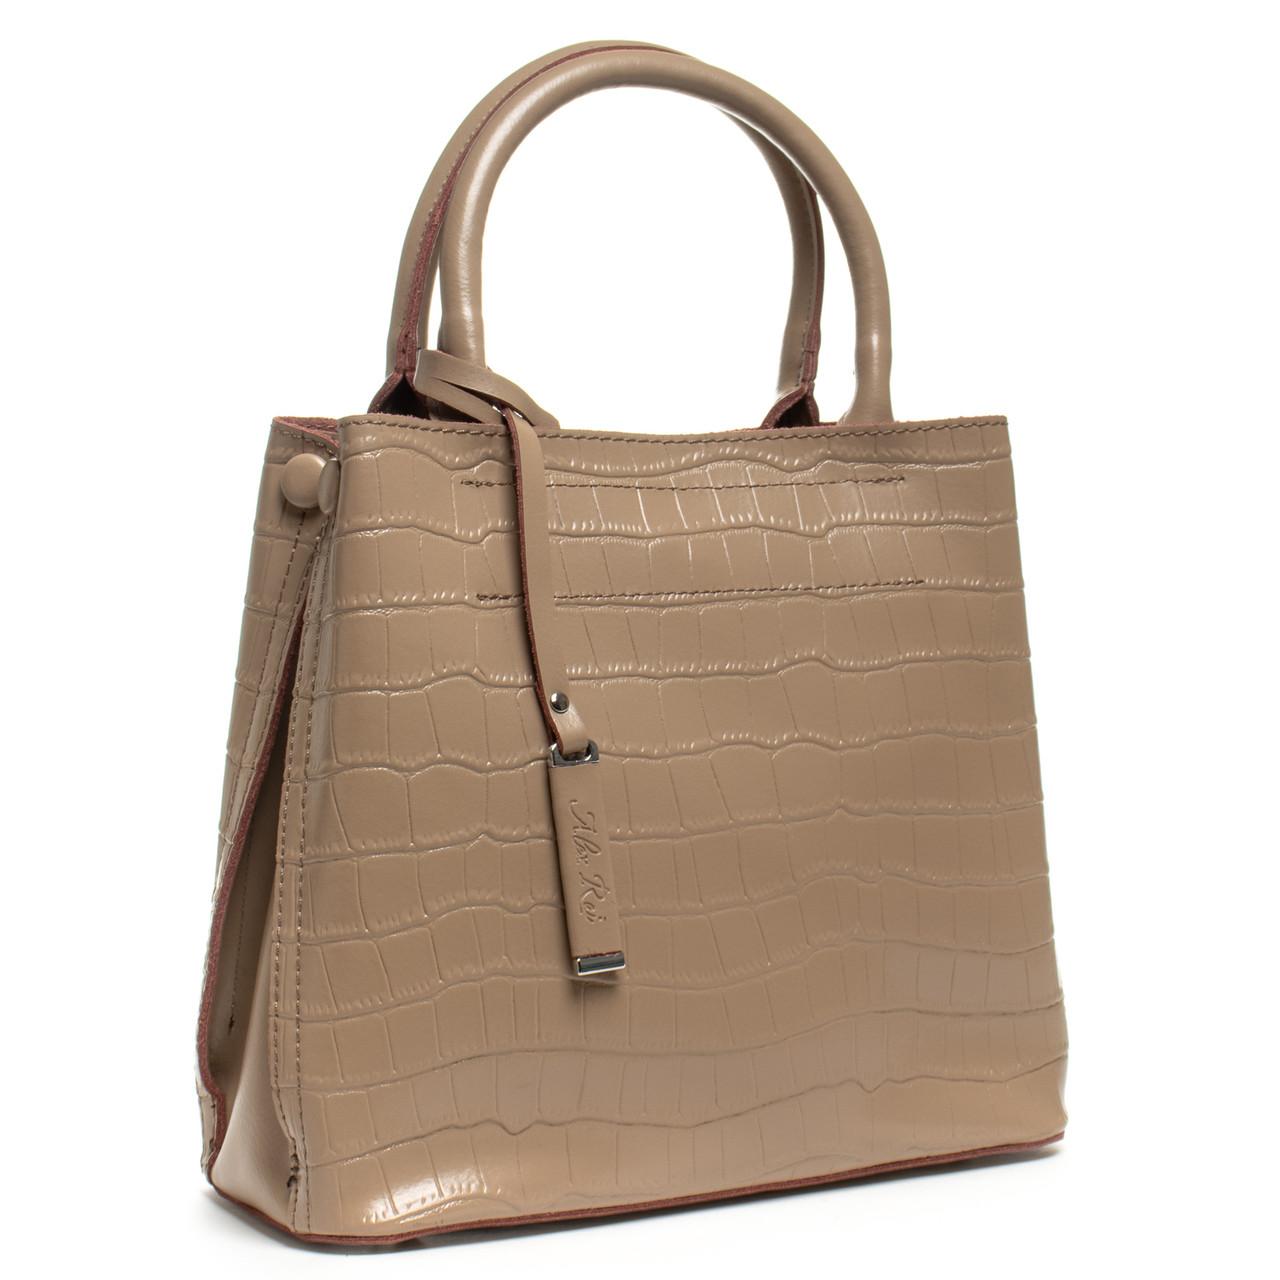 Стильна сумка жіноча шкіряна ALEX RAI різні кольори